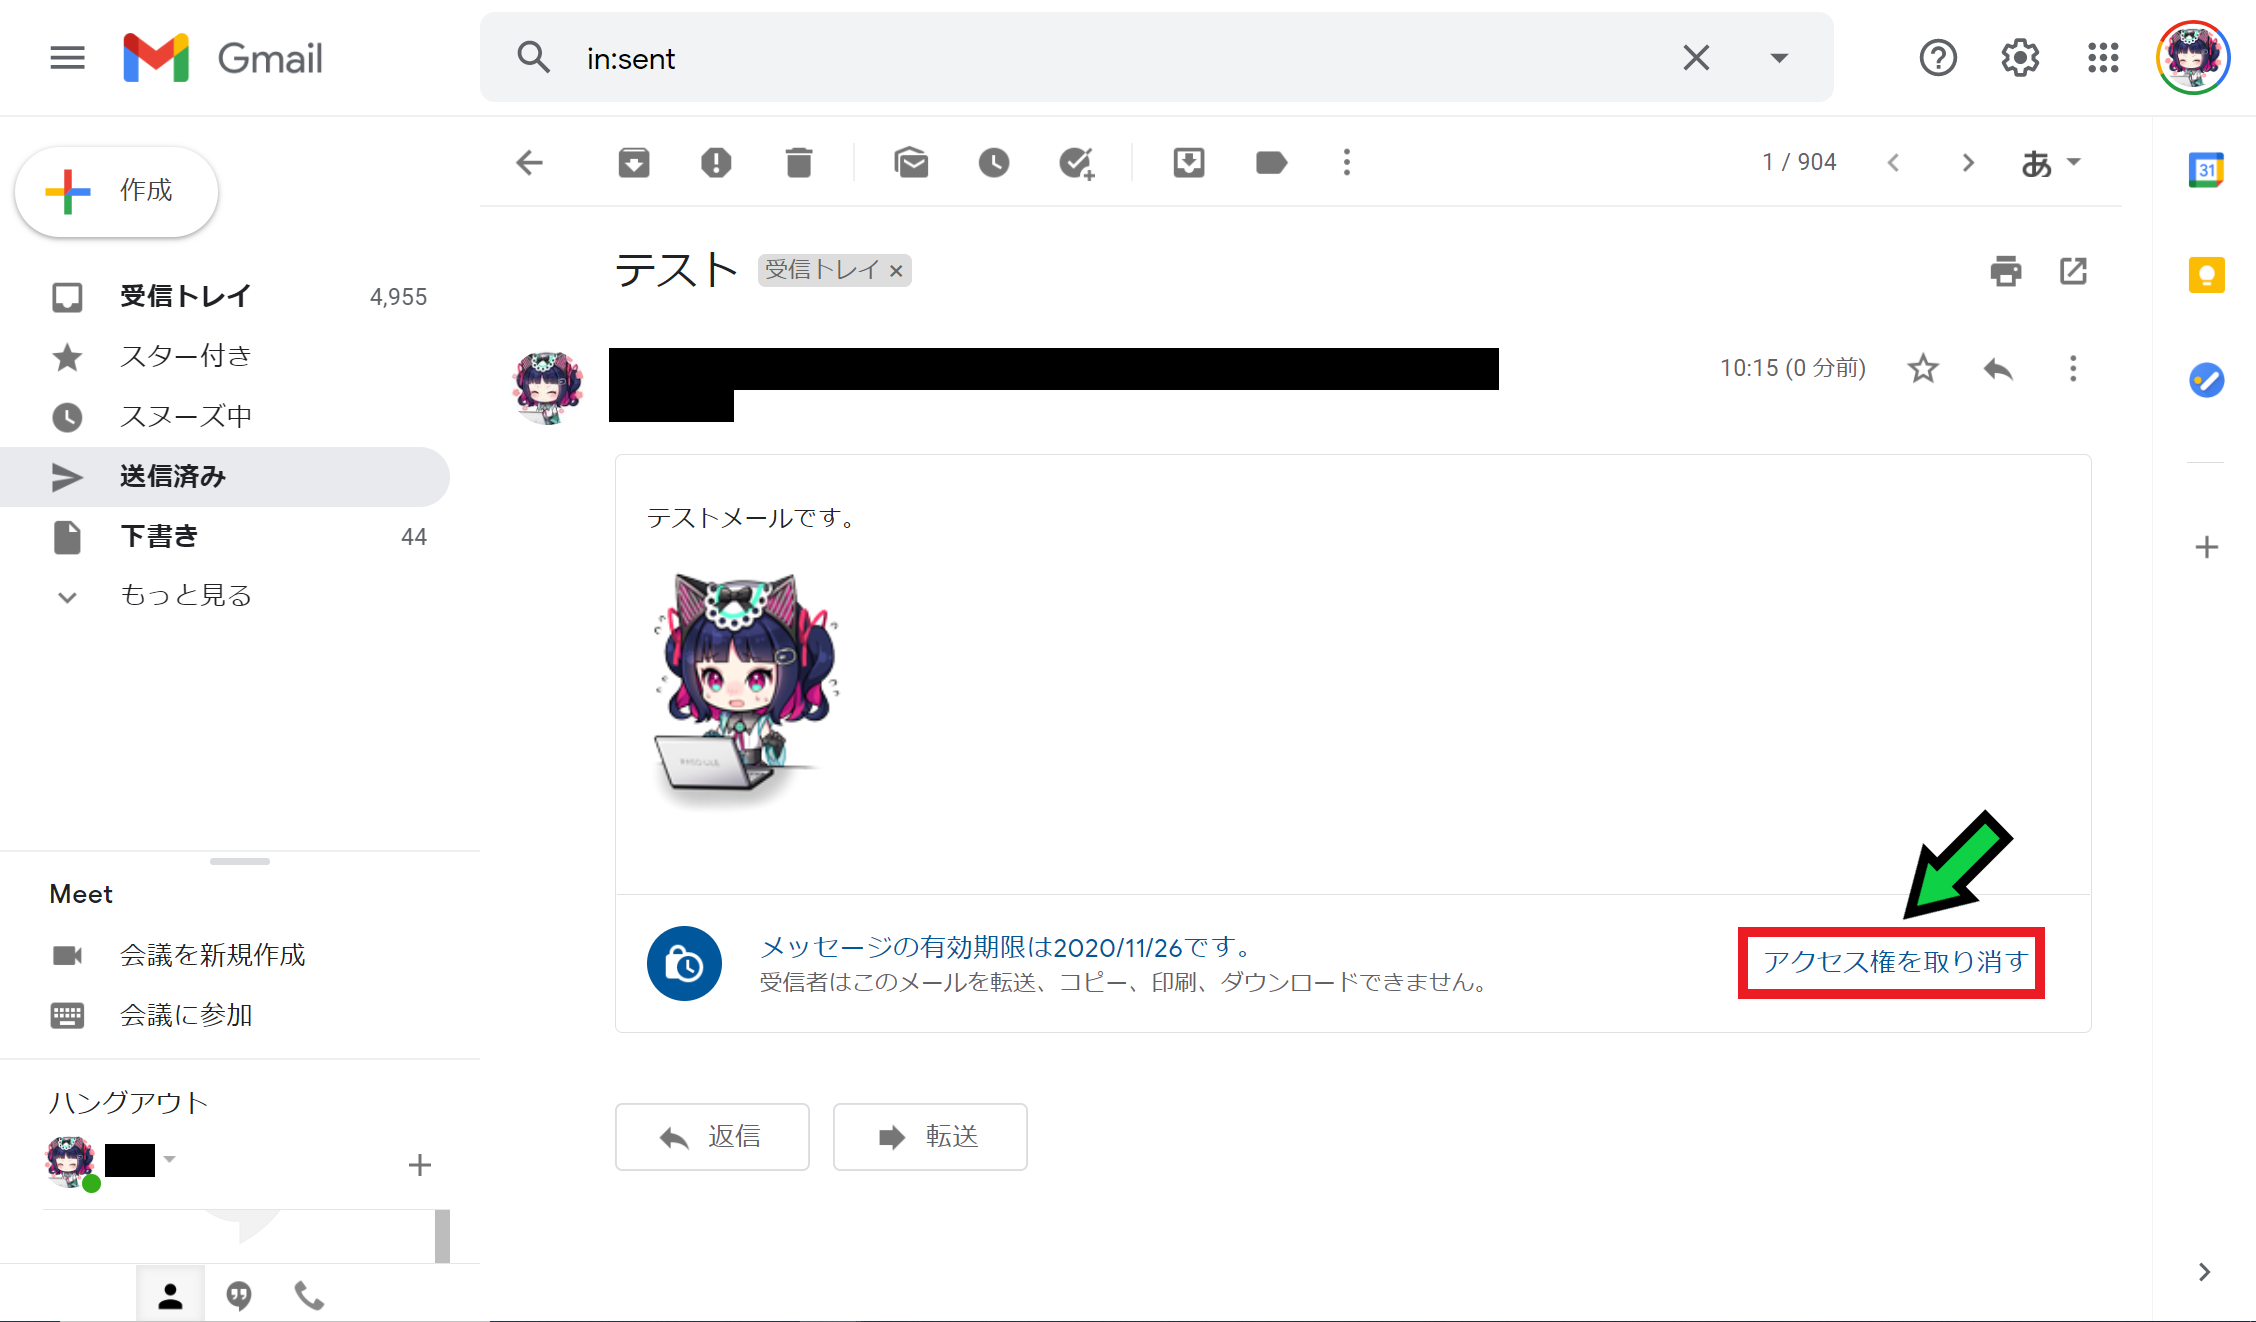 【Gmail】情報保護モードのメール送信方法【一定期間で消える】